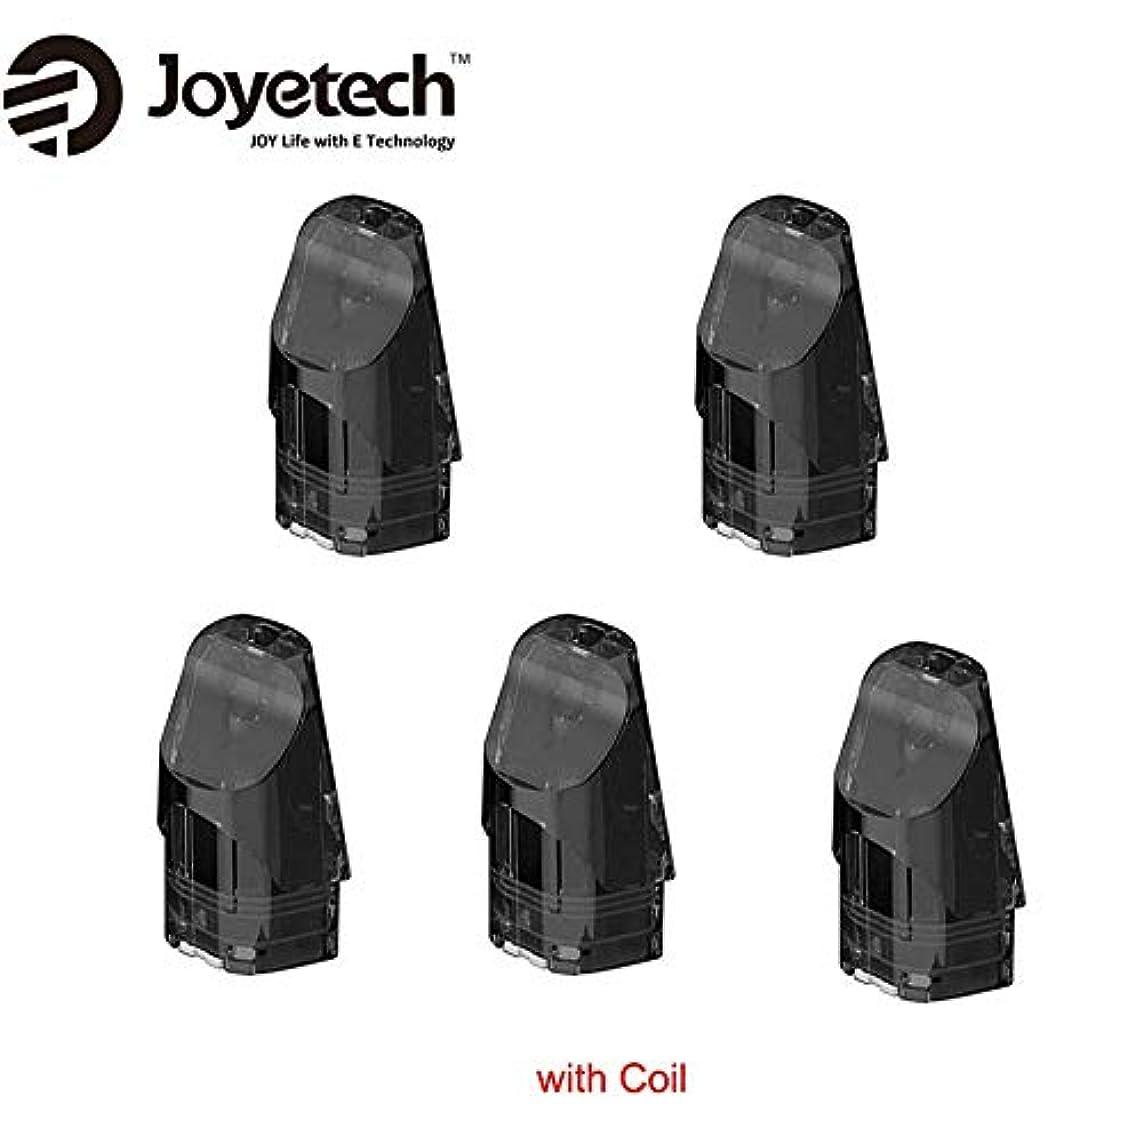 はっきりと成長する枯渇正規品Joyetech Exceed Edge Podカートリッジ 2ml 内蔵1.2ohmコイル 5個セット 1パック